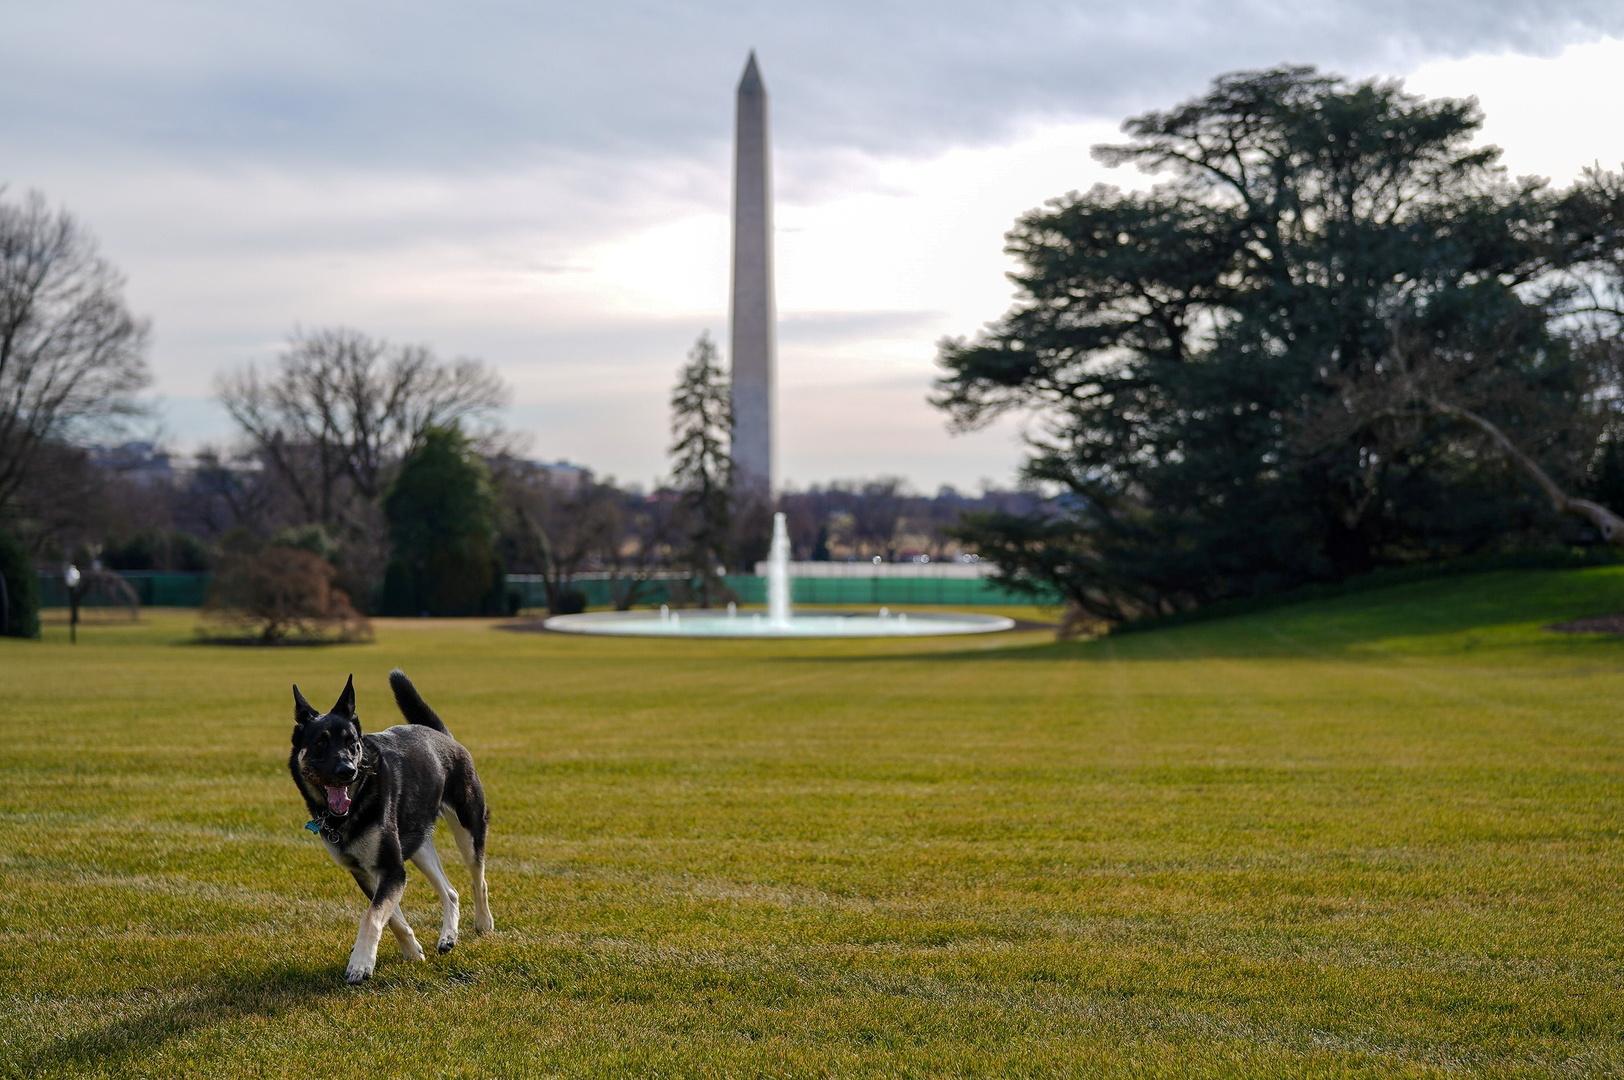 كلب الرئيس الأمريكي، جو بايدن، ميجر.